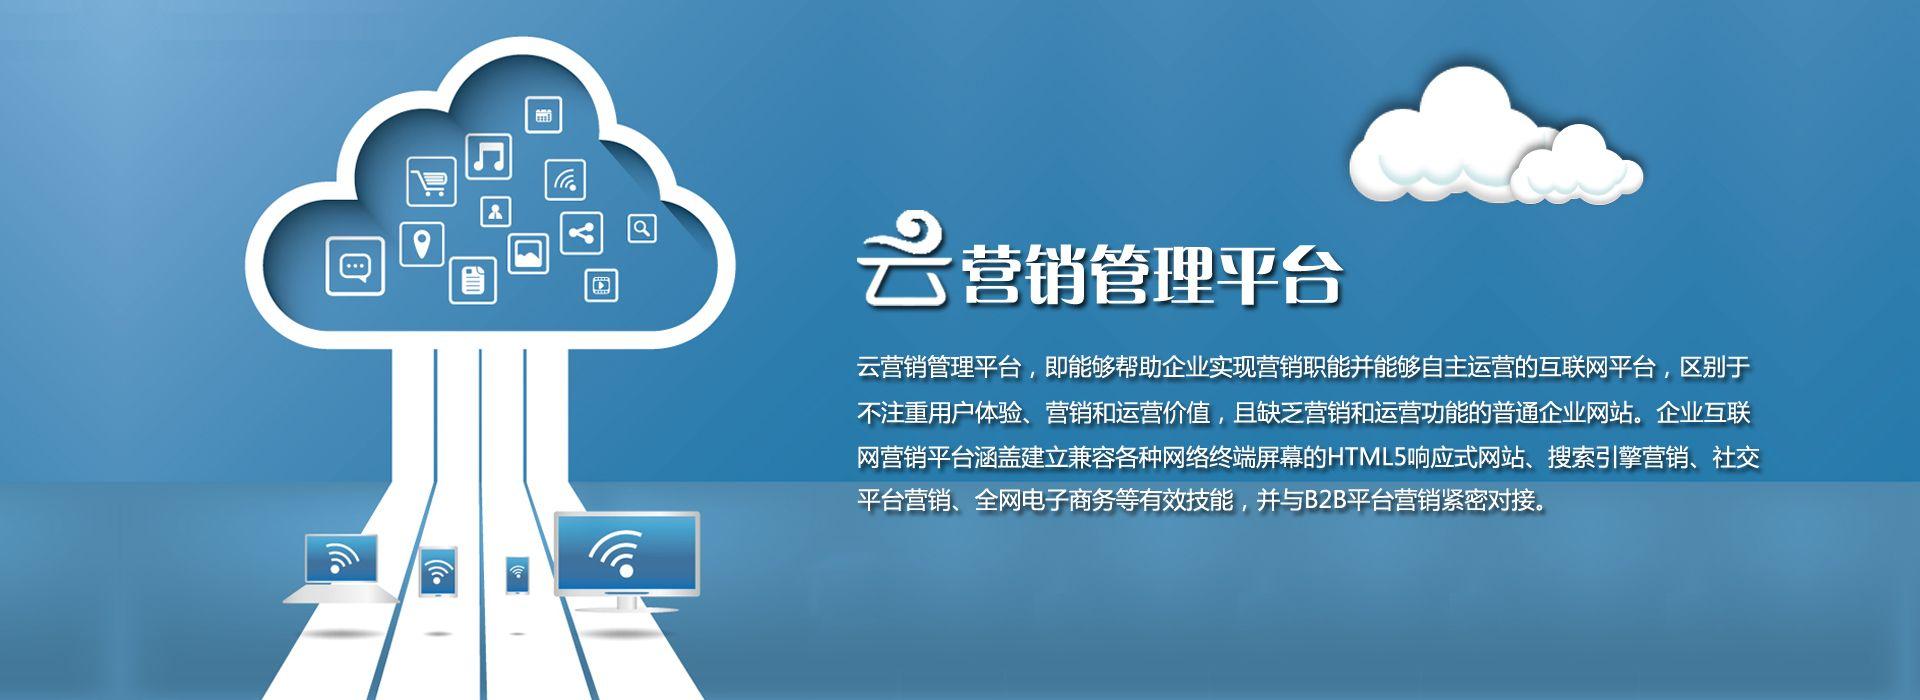 石家庄融创传媒公司为外贸企业提供云营销网站平台